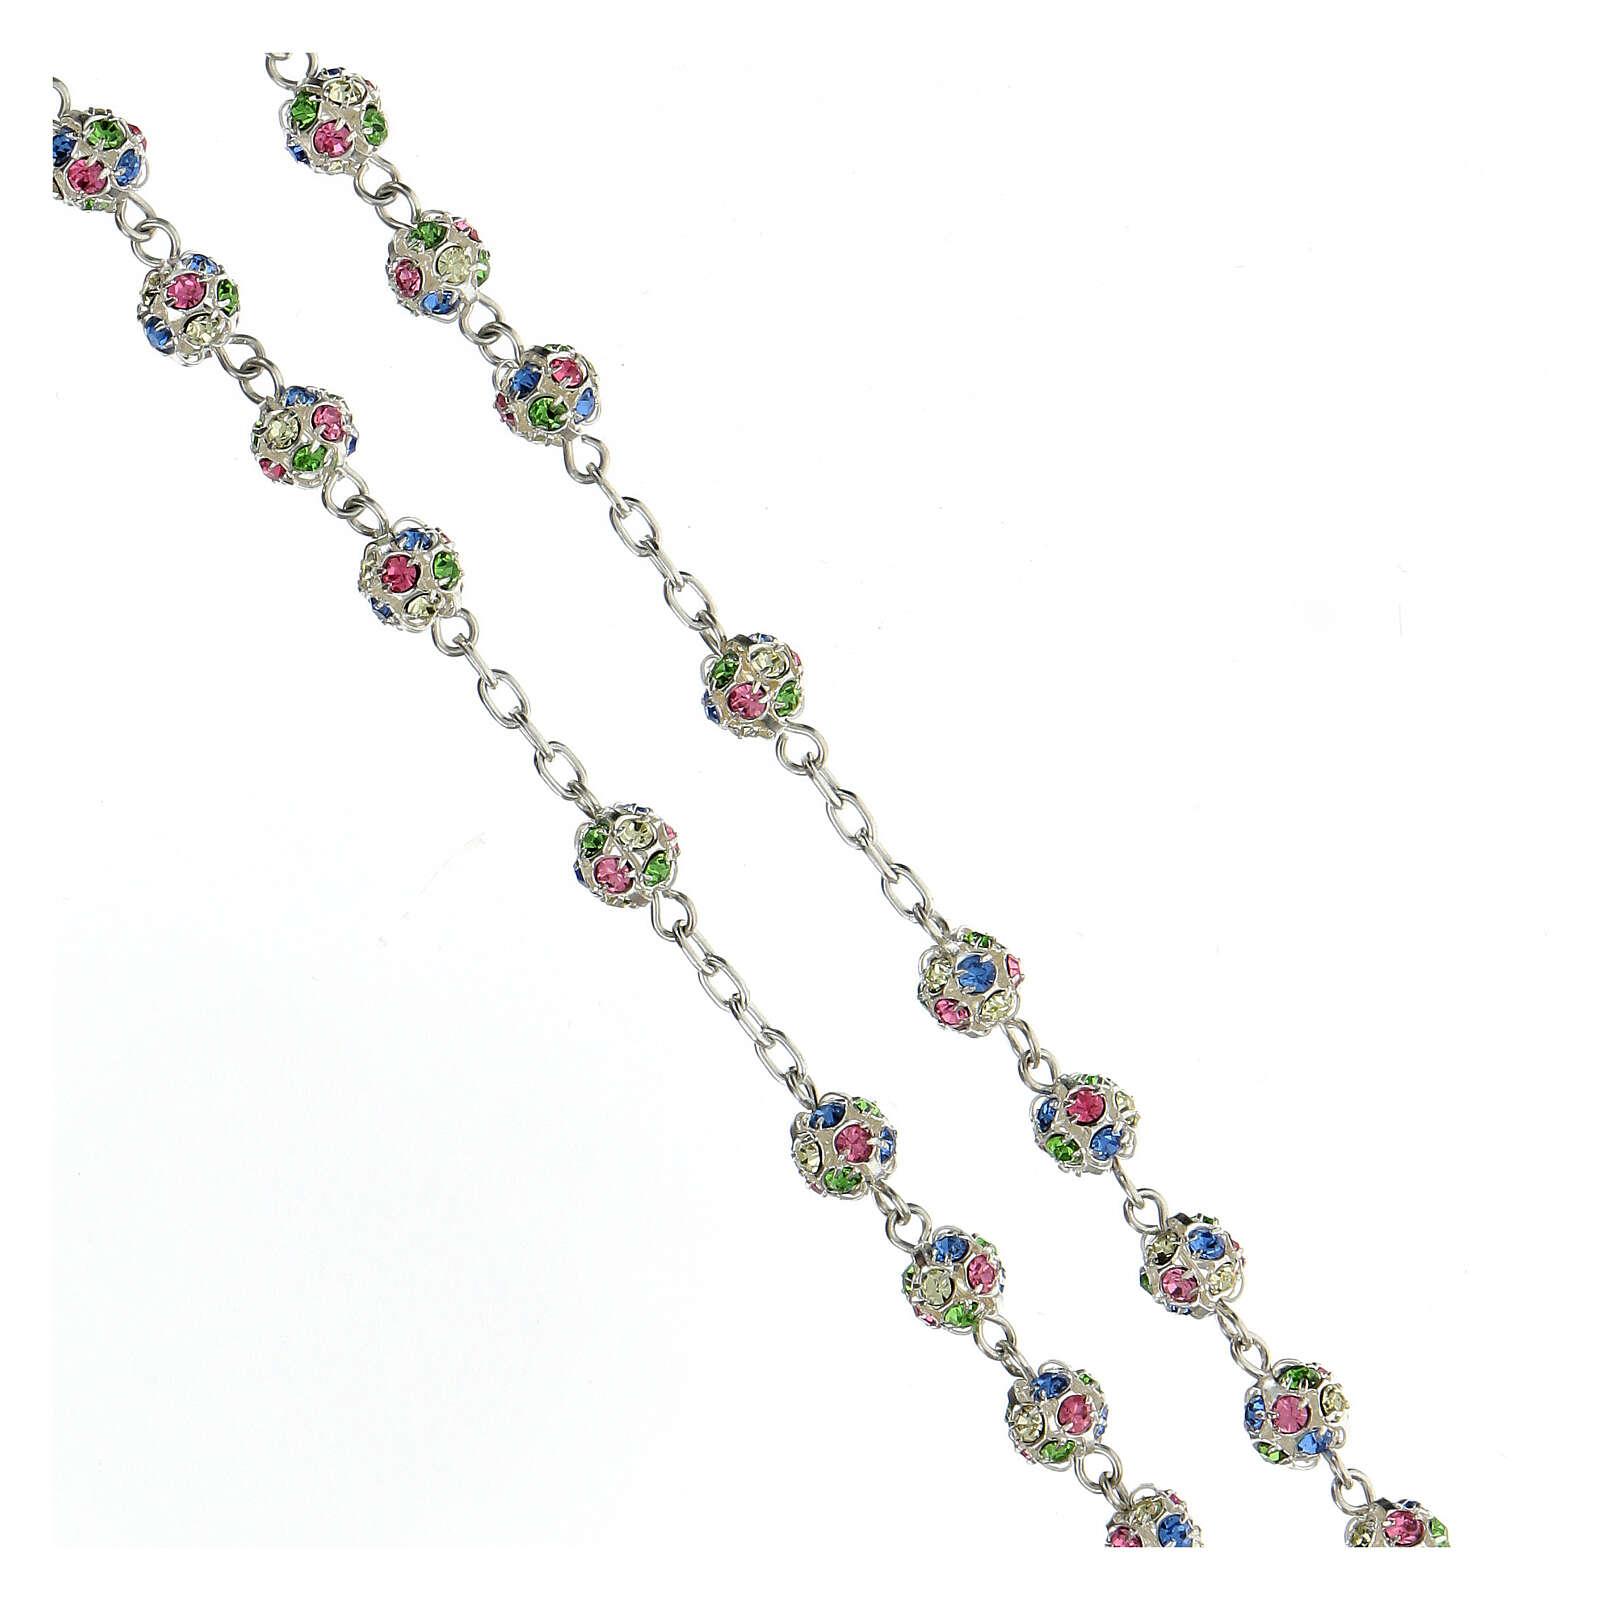 Rosario argento 925 grani cristalli multicolore 6 mm croce ornata 4